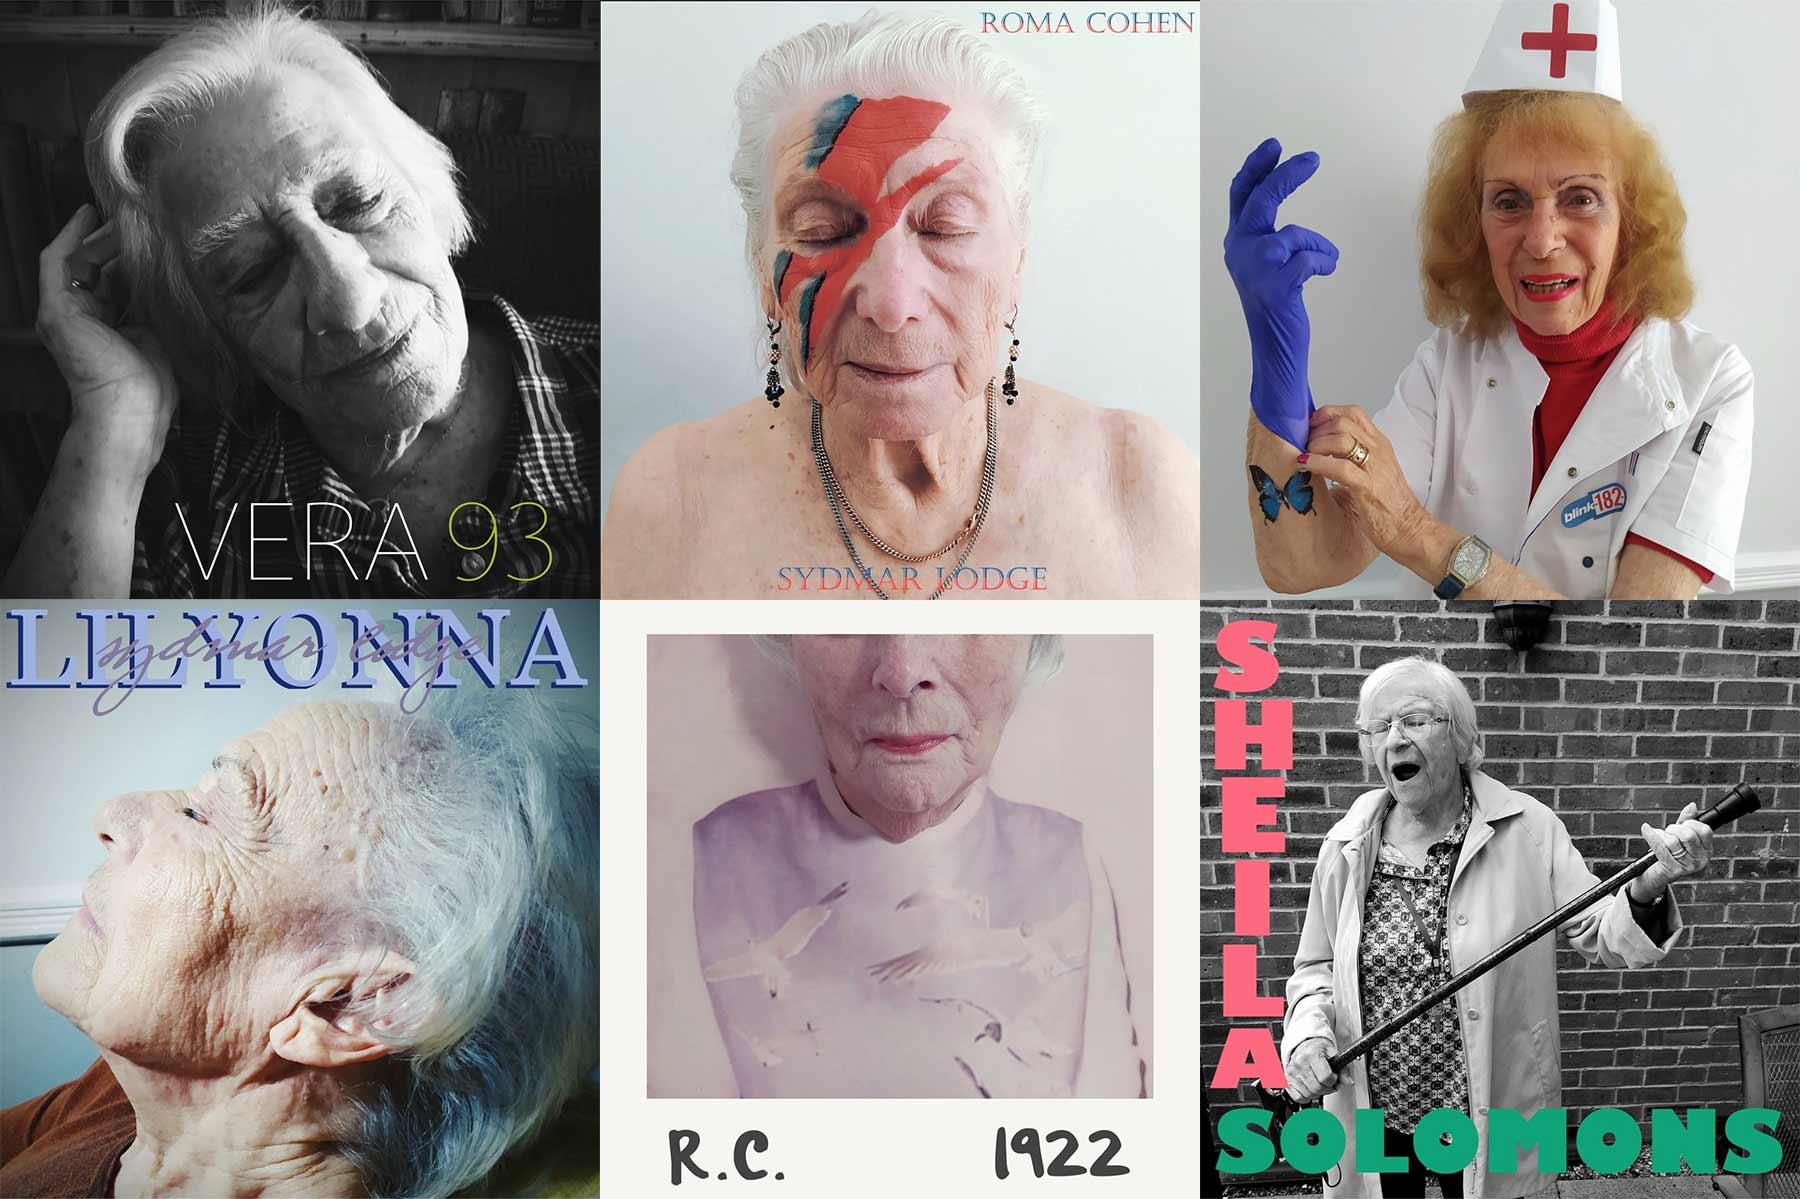 Altenheim stellt ikonische Albumcover nach rentnerinnen-machen-albumcover-nach_01